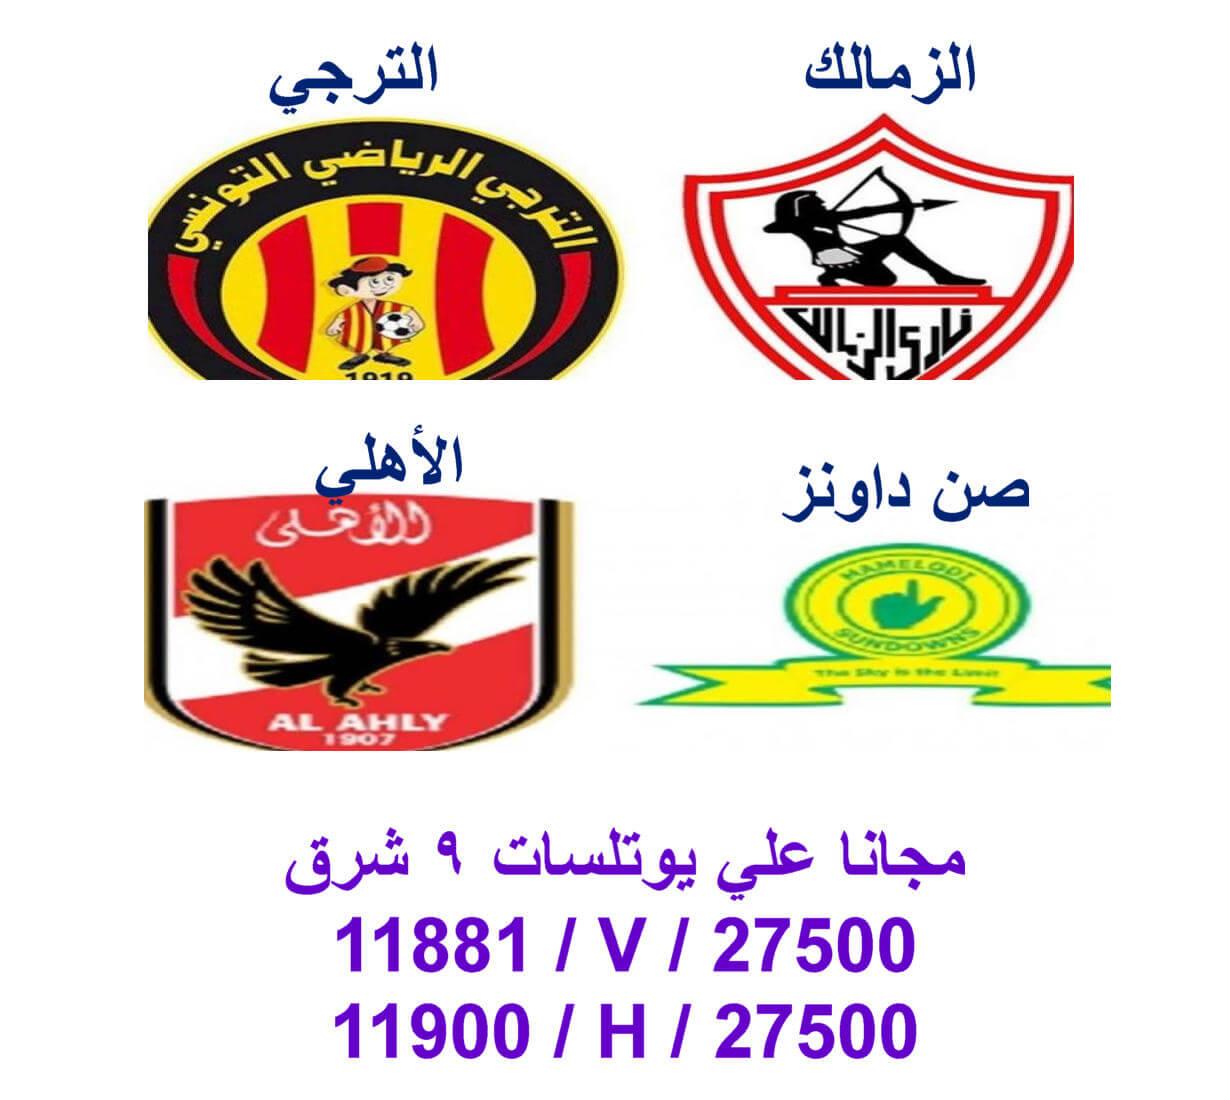 Photo of الزمالك والترجي الاهلي وصن دوانز مجانا